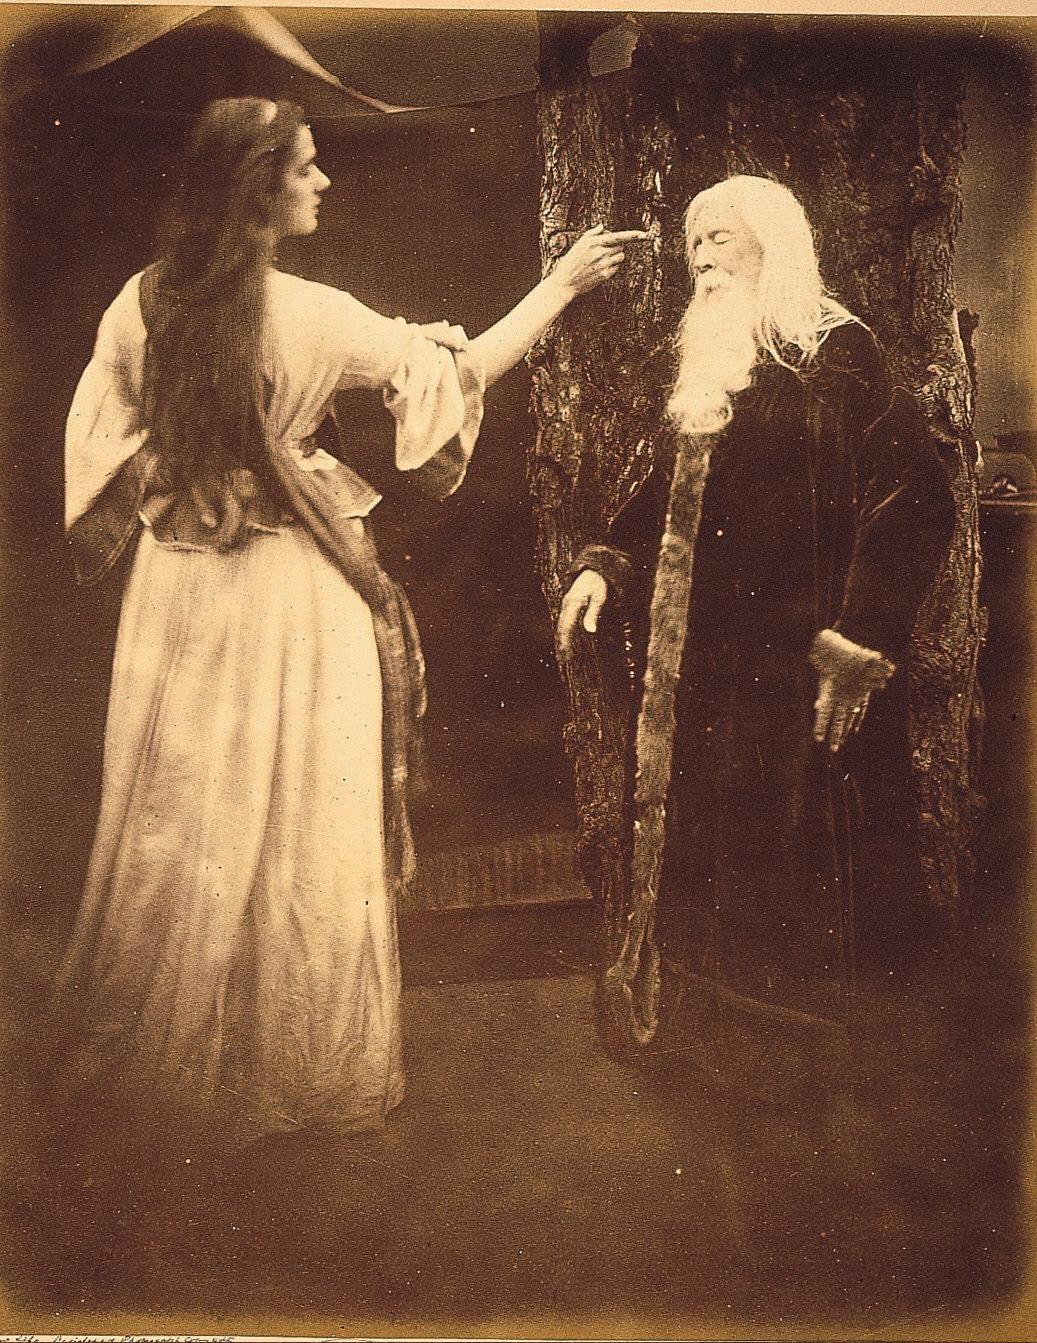 Vivien and Merlin